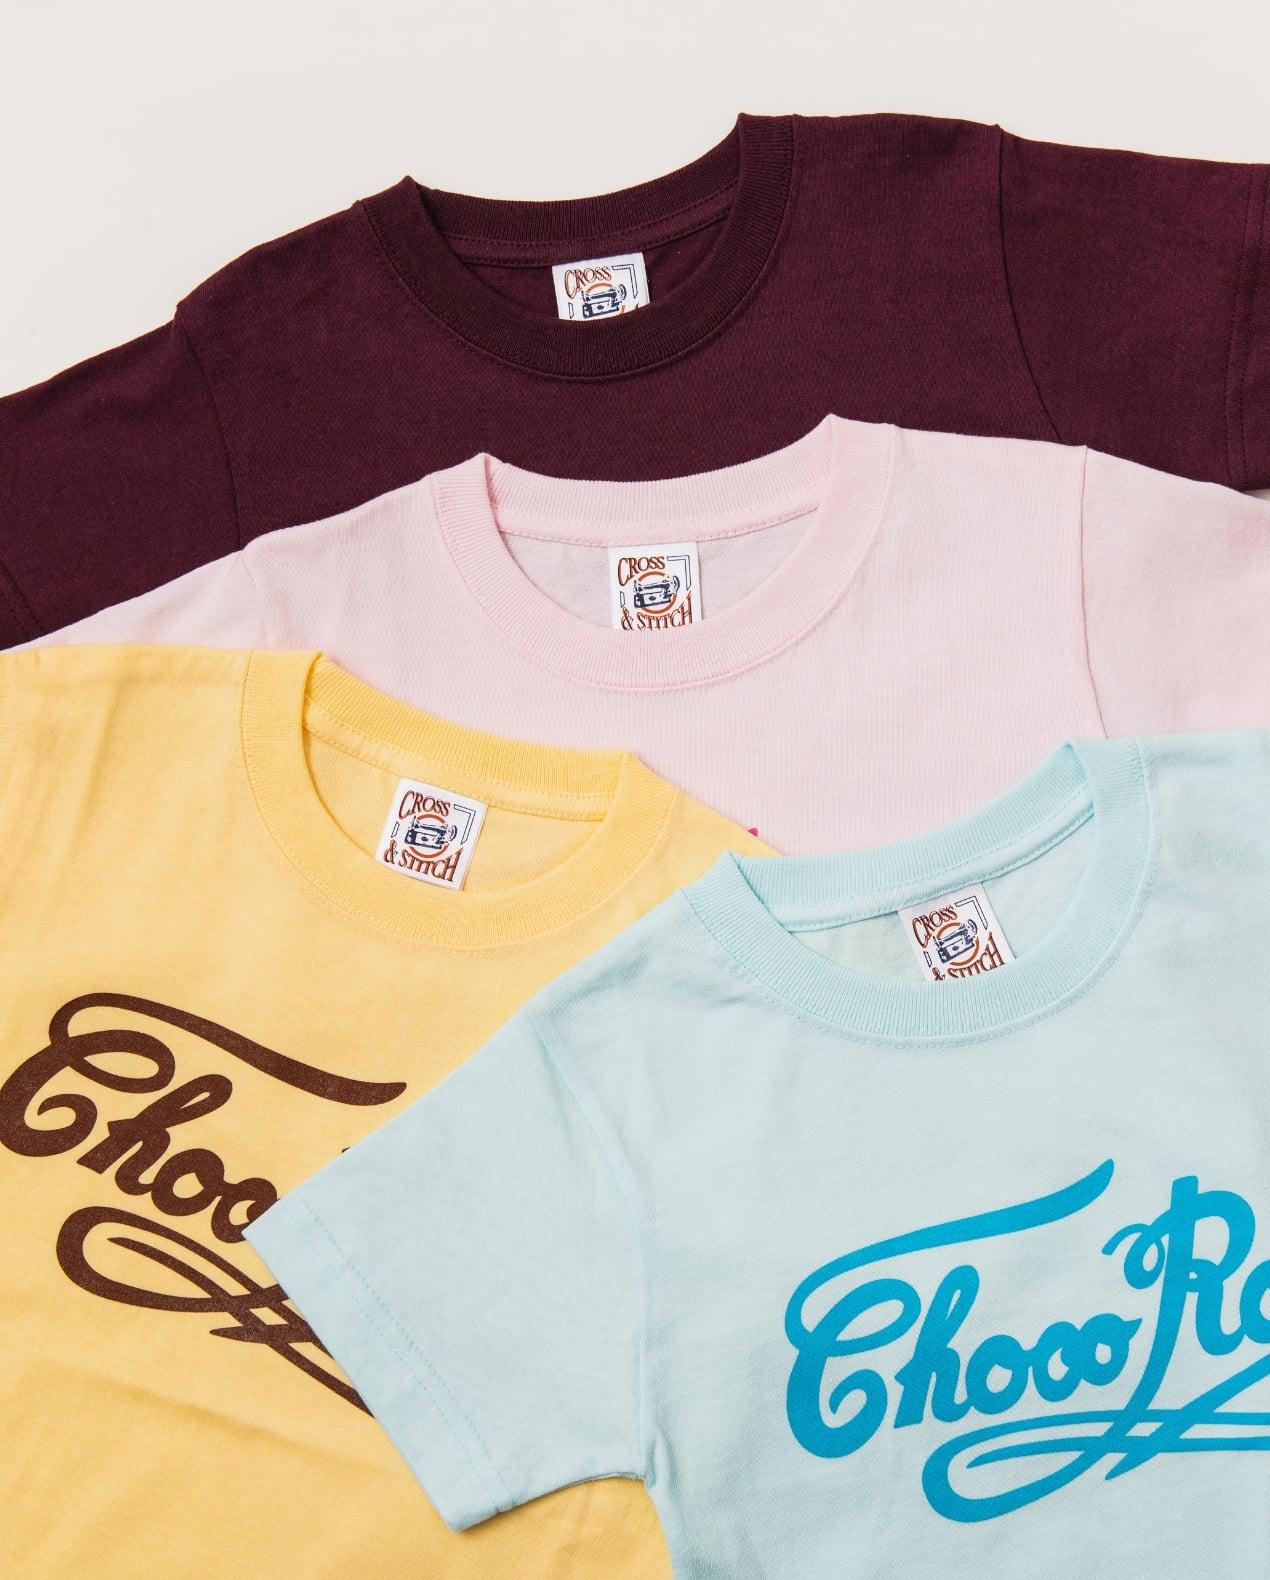 Tシャツ 大人用 水色 サイズM